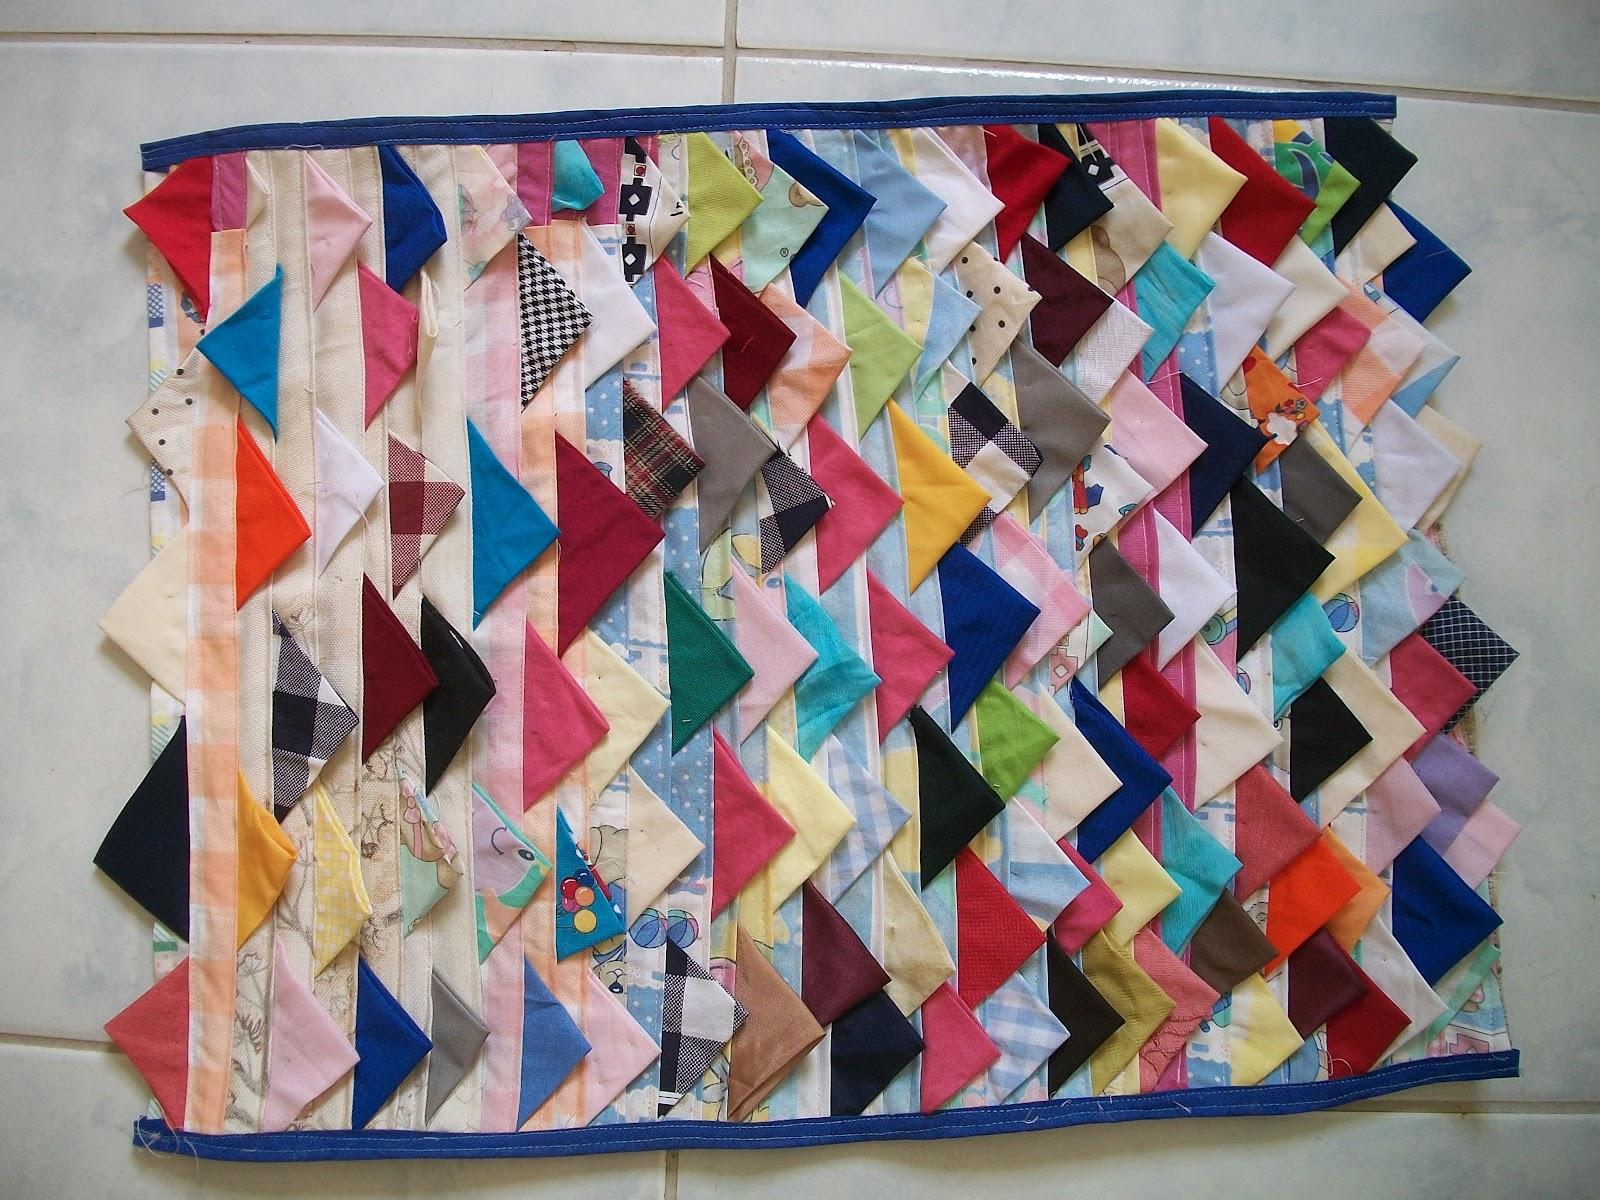 Arte Em Tapete De Retalho : Benilna Artesanato: Tapete Retalhos de tecido